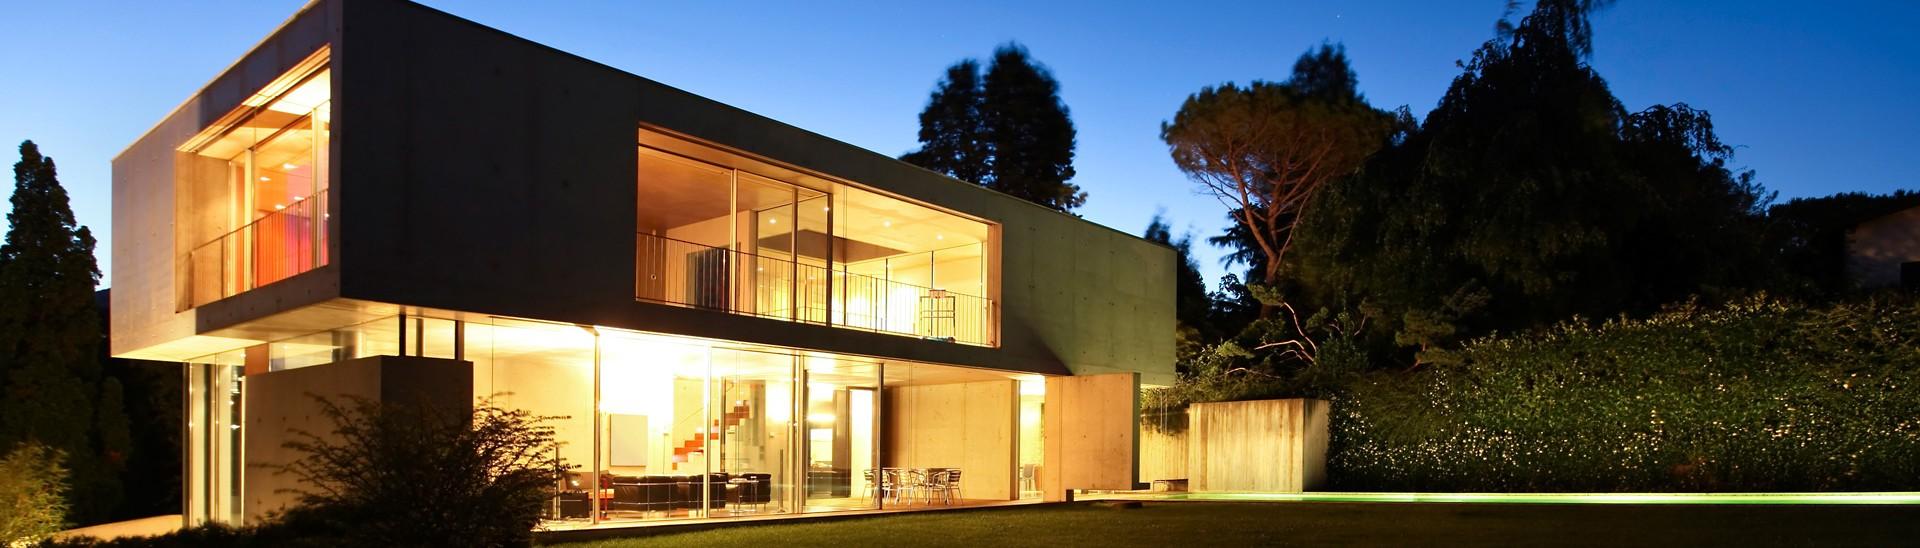 Modernes Betonhaus